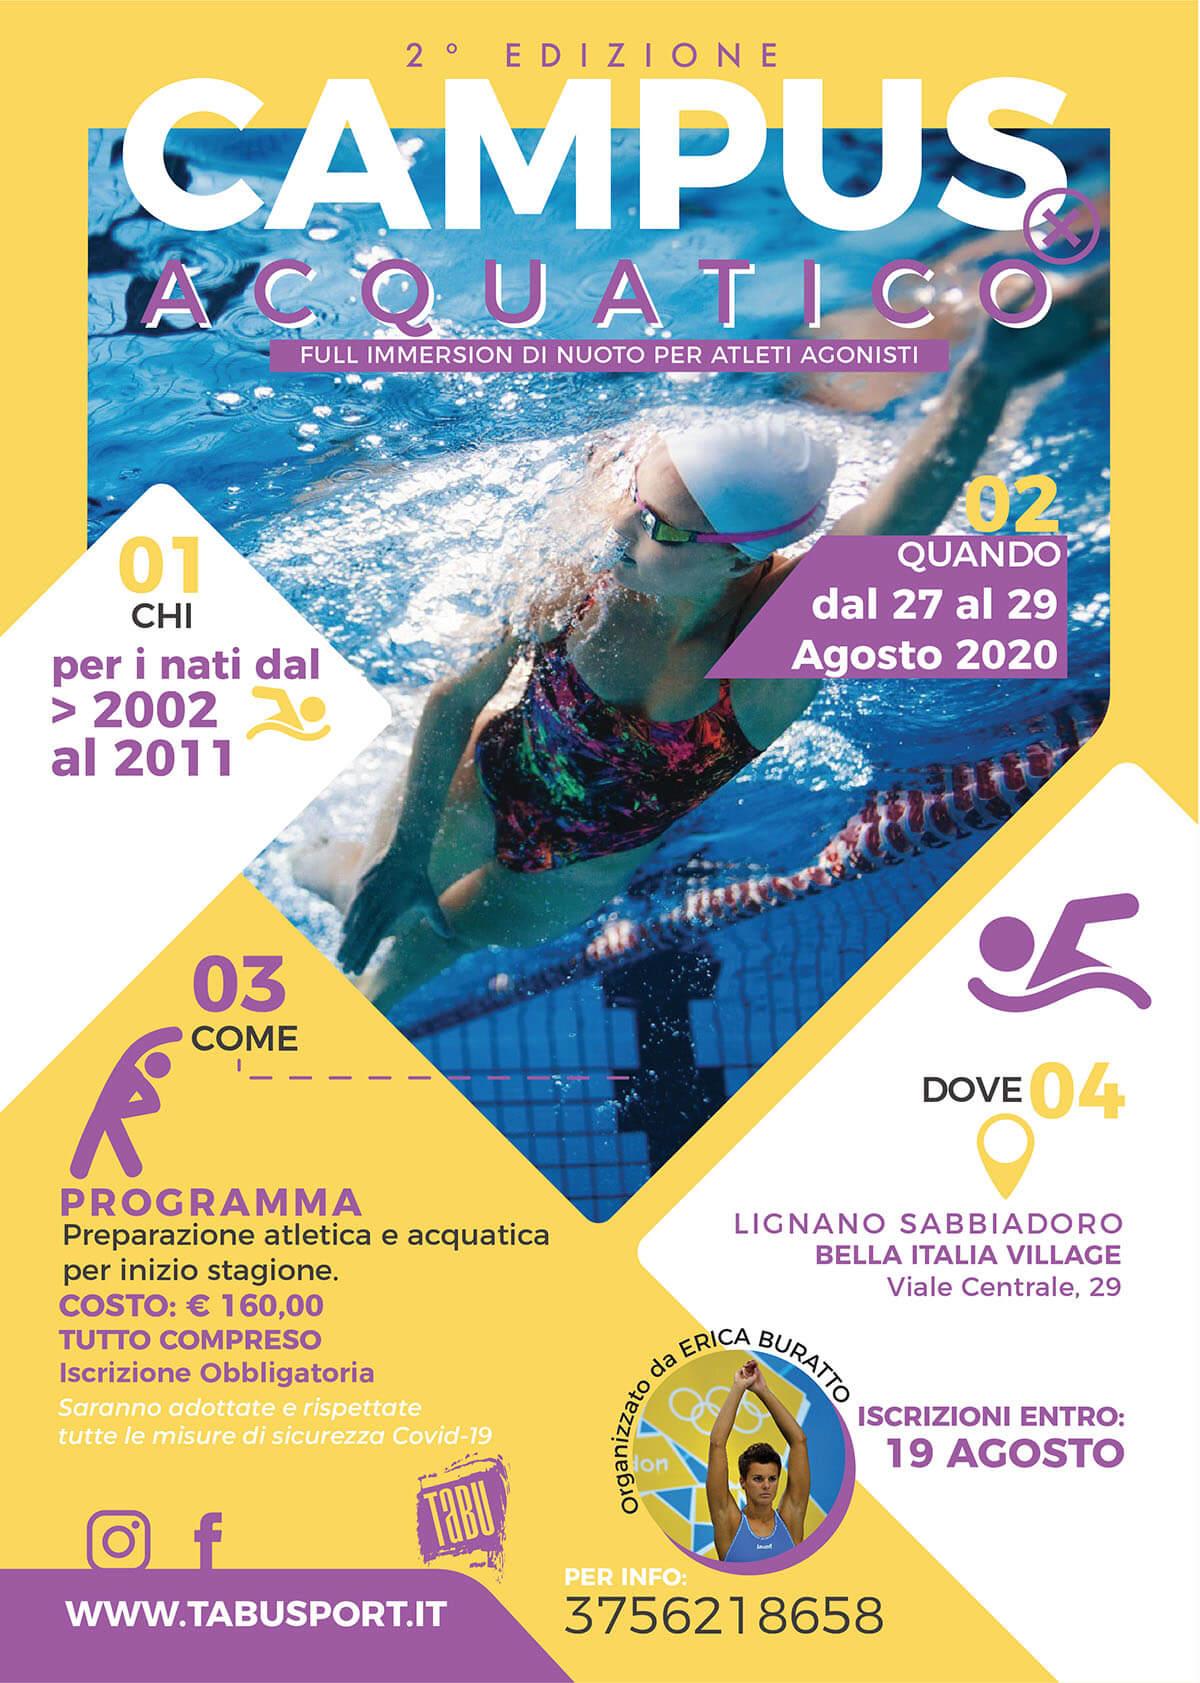 Campus Acquatico full immersion di nuoto per atleti agonisti a Lignano